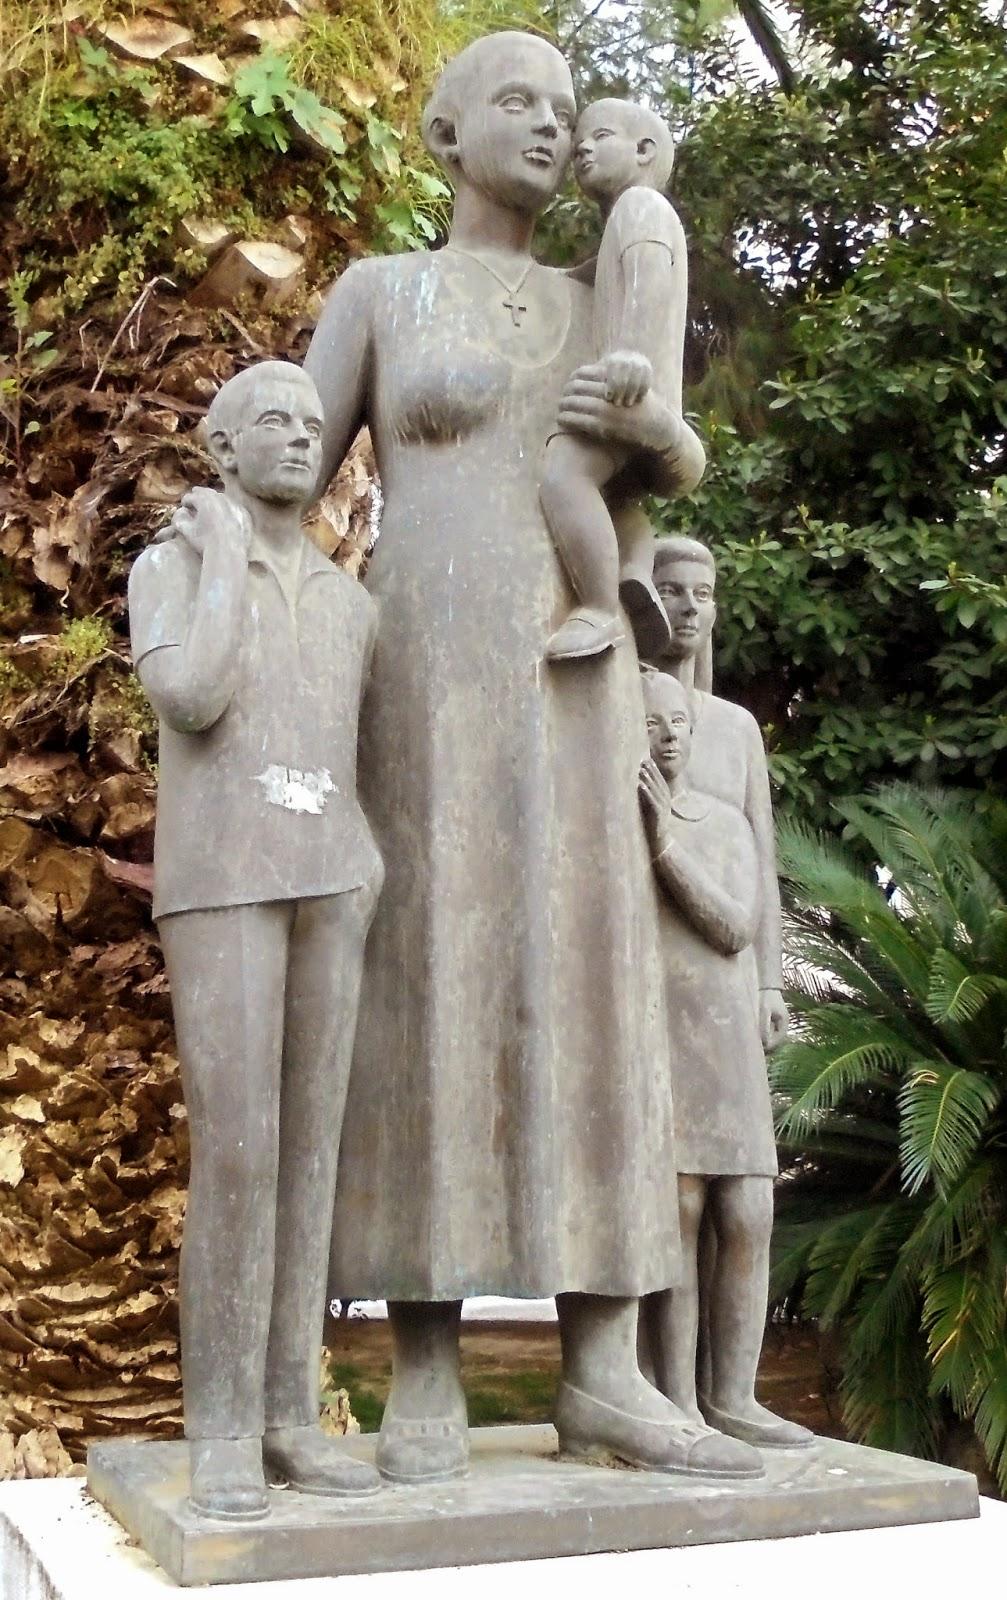 το γλυπτό Στην Πολύτεκνη Μάνα στο Αγρίνιο